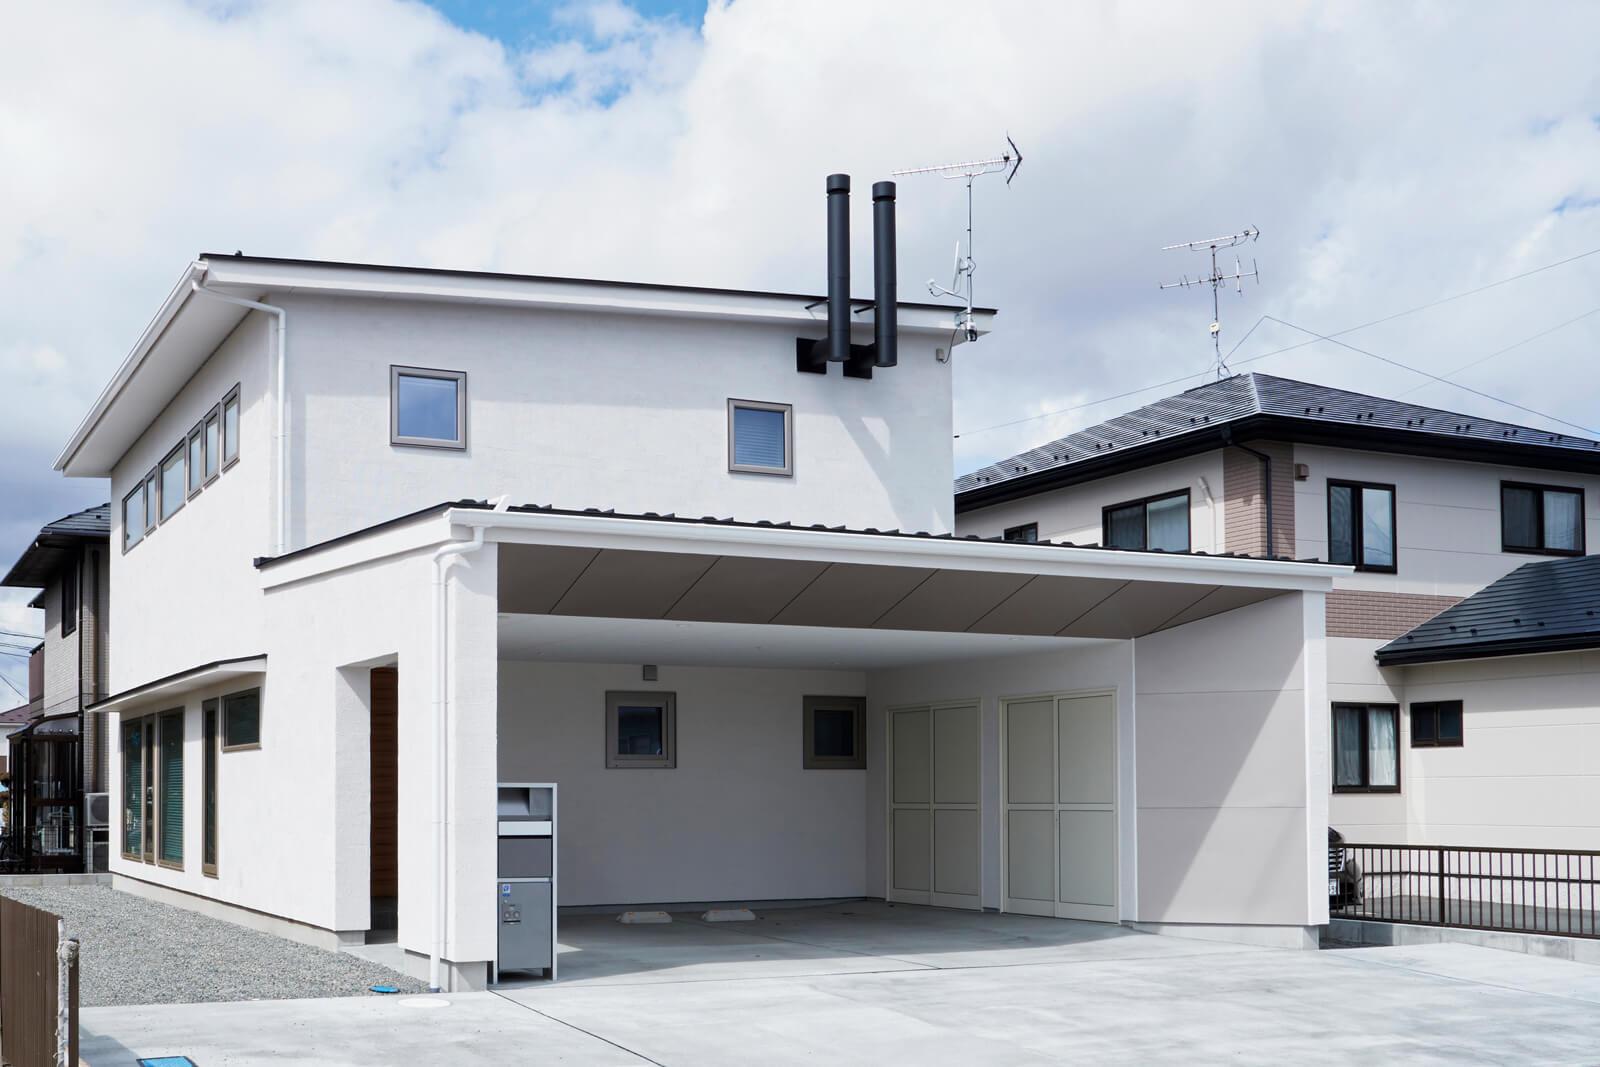 塗り壁仕上げの白い外観が清潔な印象。屋根の上には太陽光発電パネルも搭載している。パッシブ換気によって汚れた空気は排気口を通り、2本の煙突から屋外へと排出される